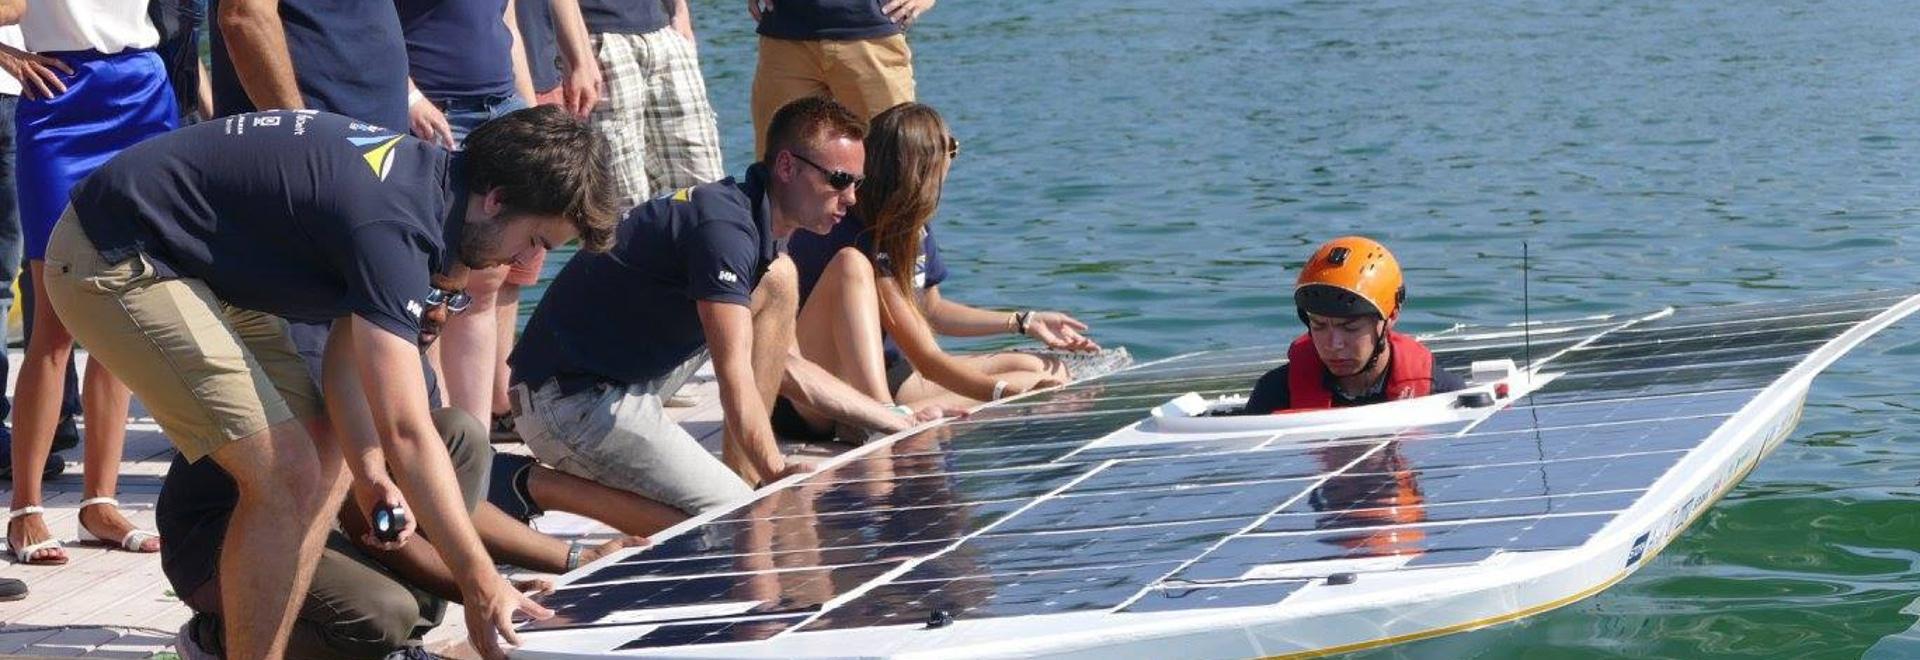 Solarbootsteam TU Delft bereit zur Ärmelkanalüberfahrt